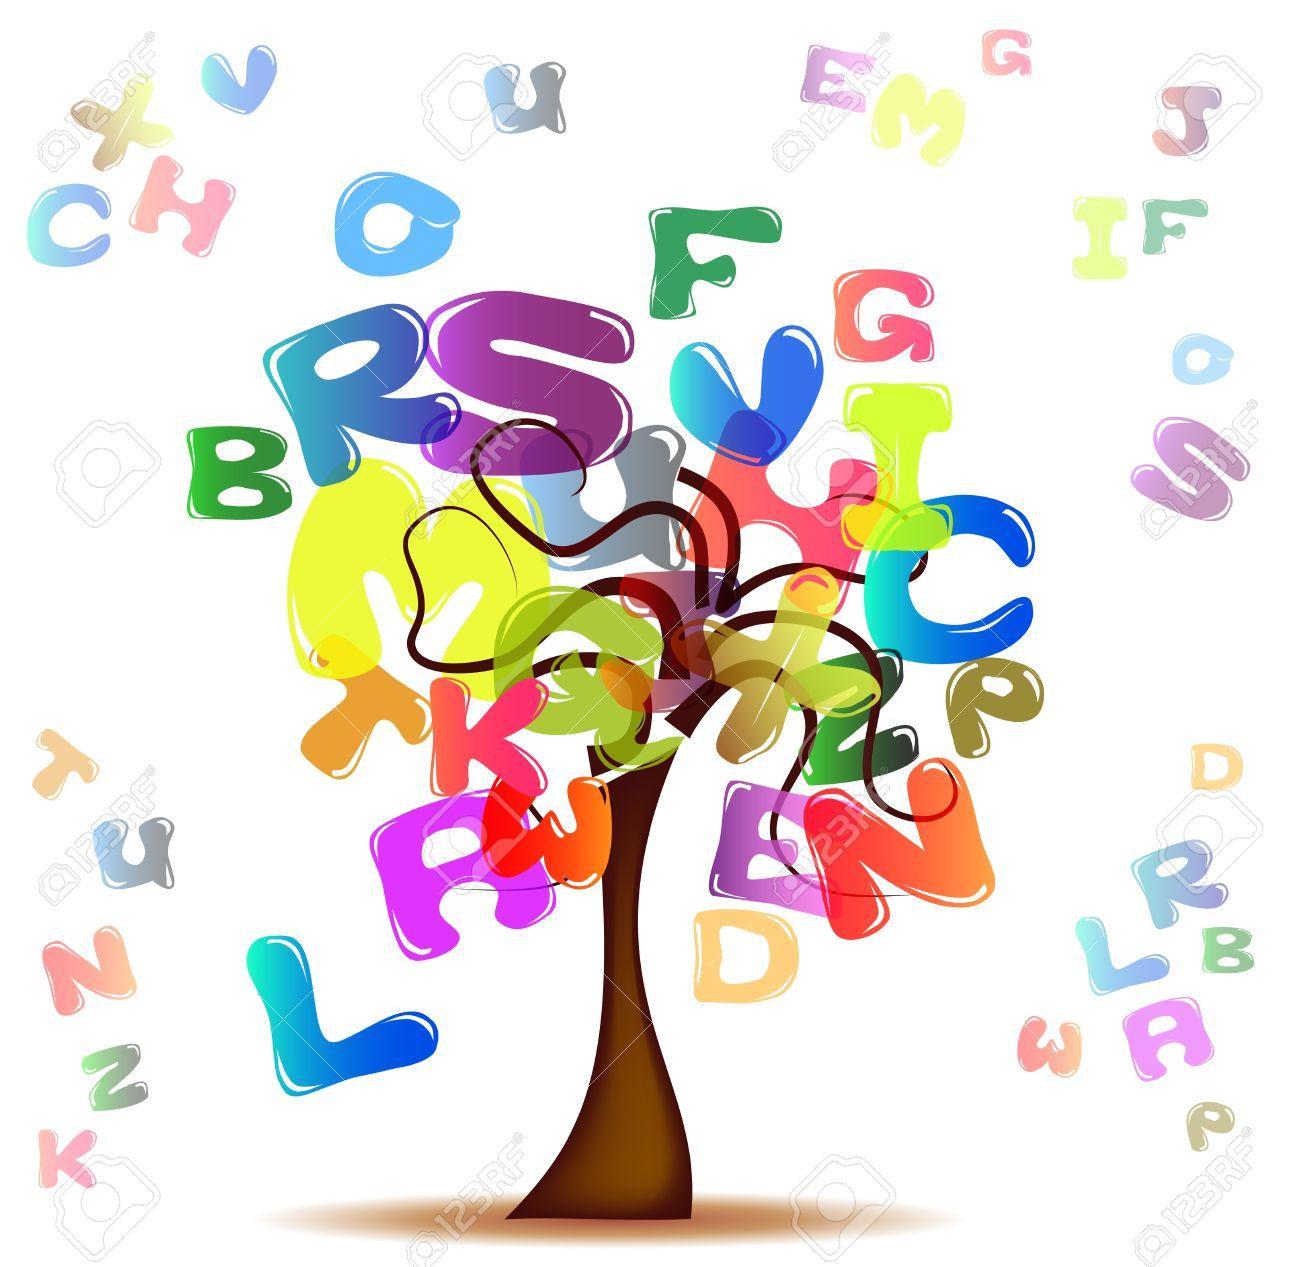 Le bon mot - 45 - Lettres, codes et mots